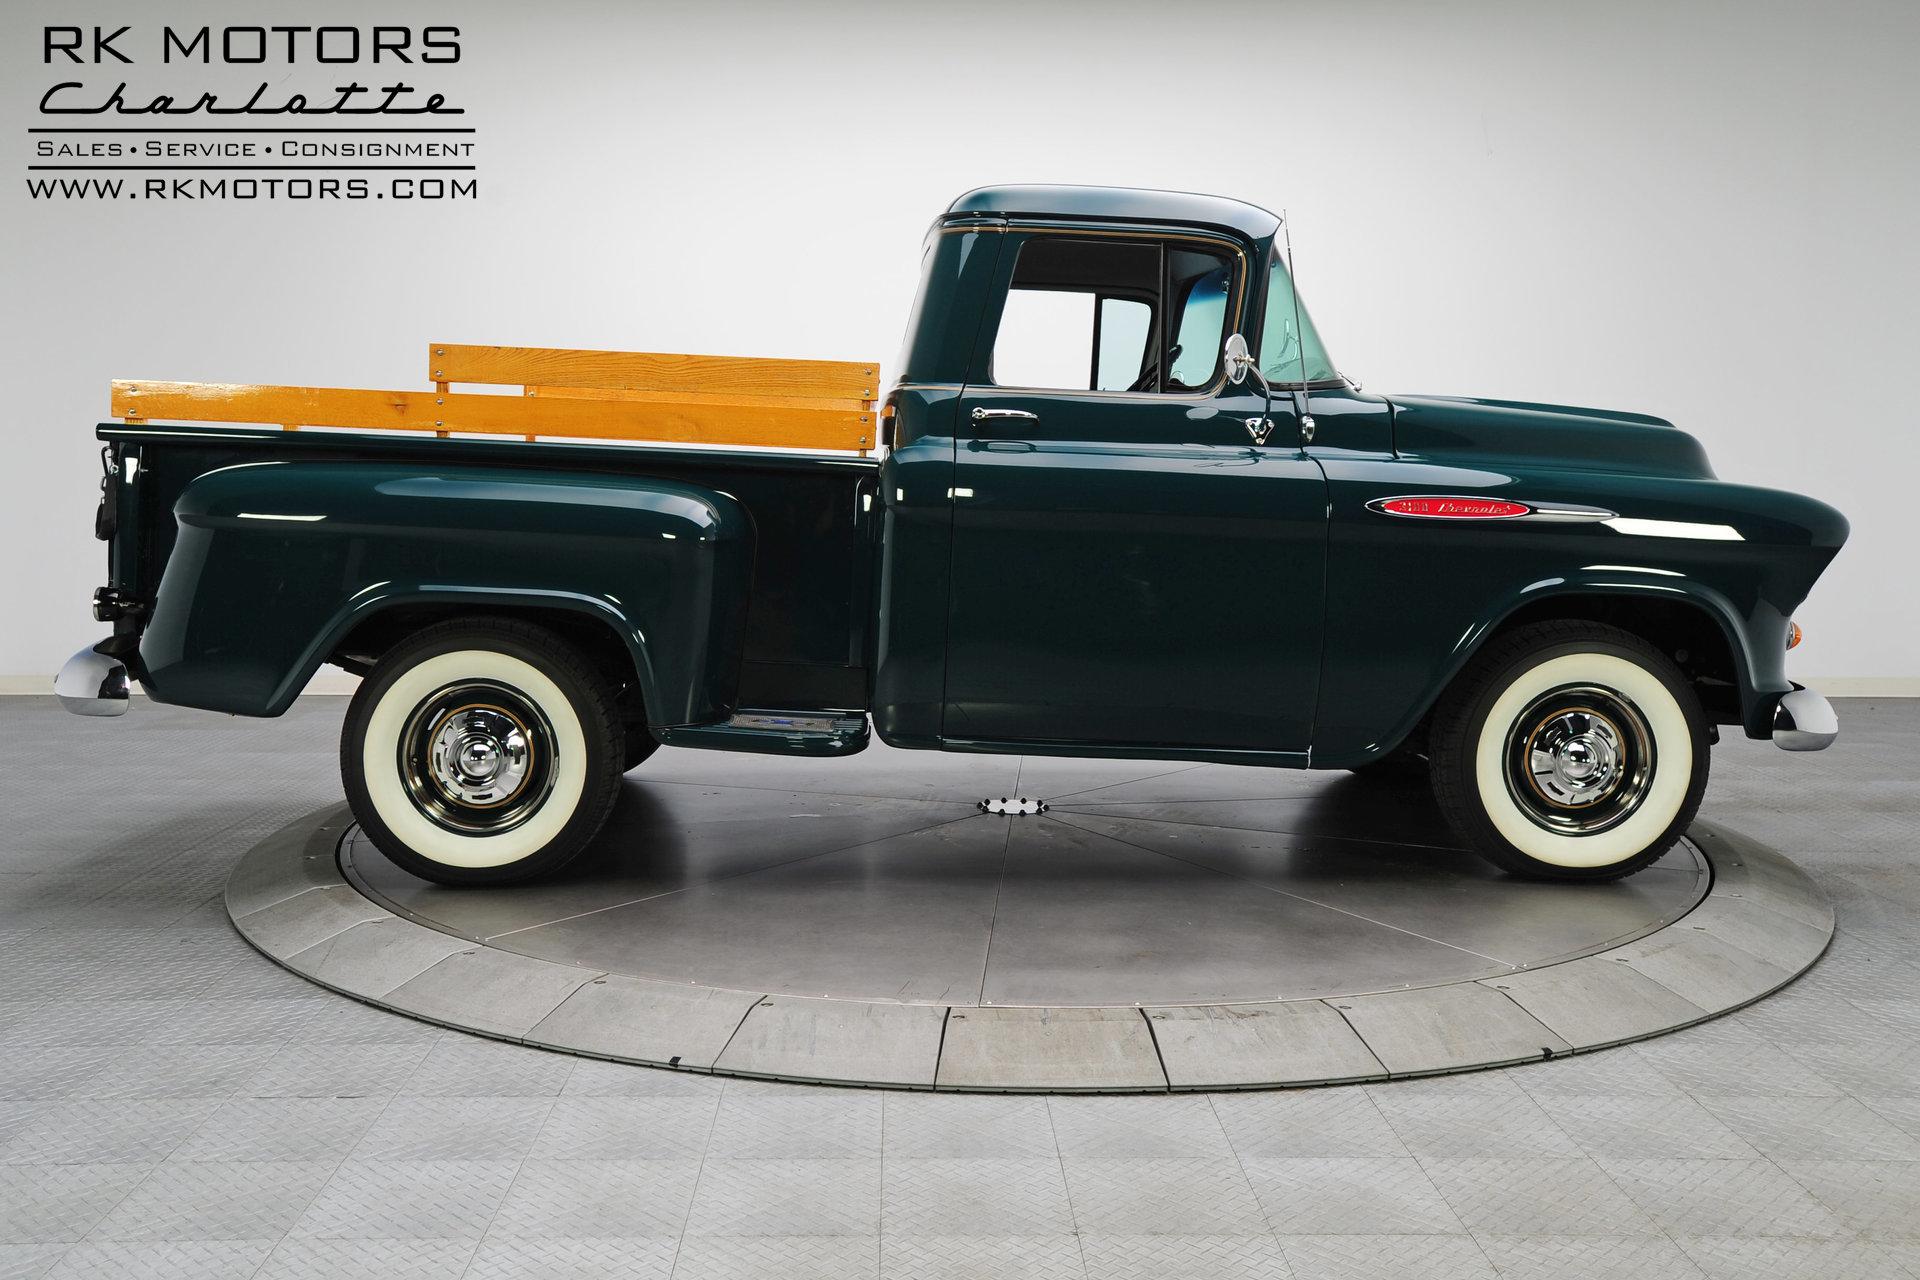 132767 1957 Chevrolet 3100 Rk Motors Classic Cars For Sale Chevy 4 Door Truck